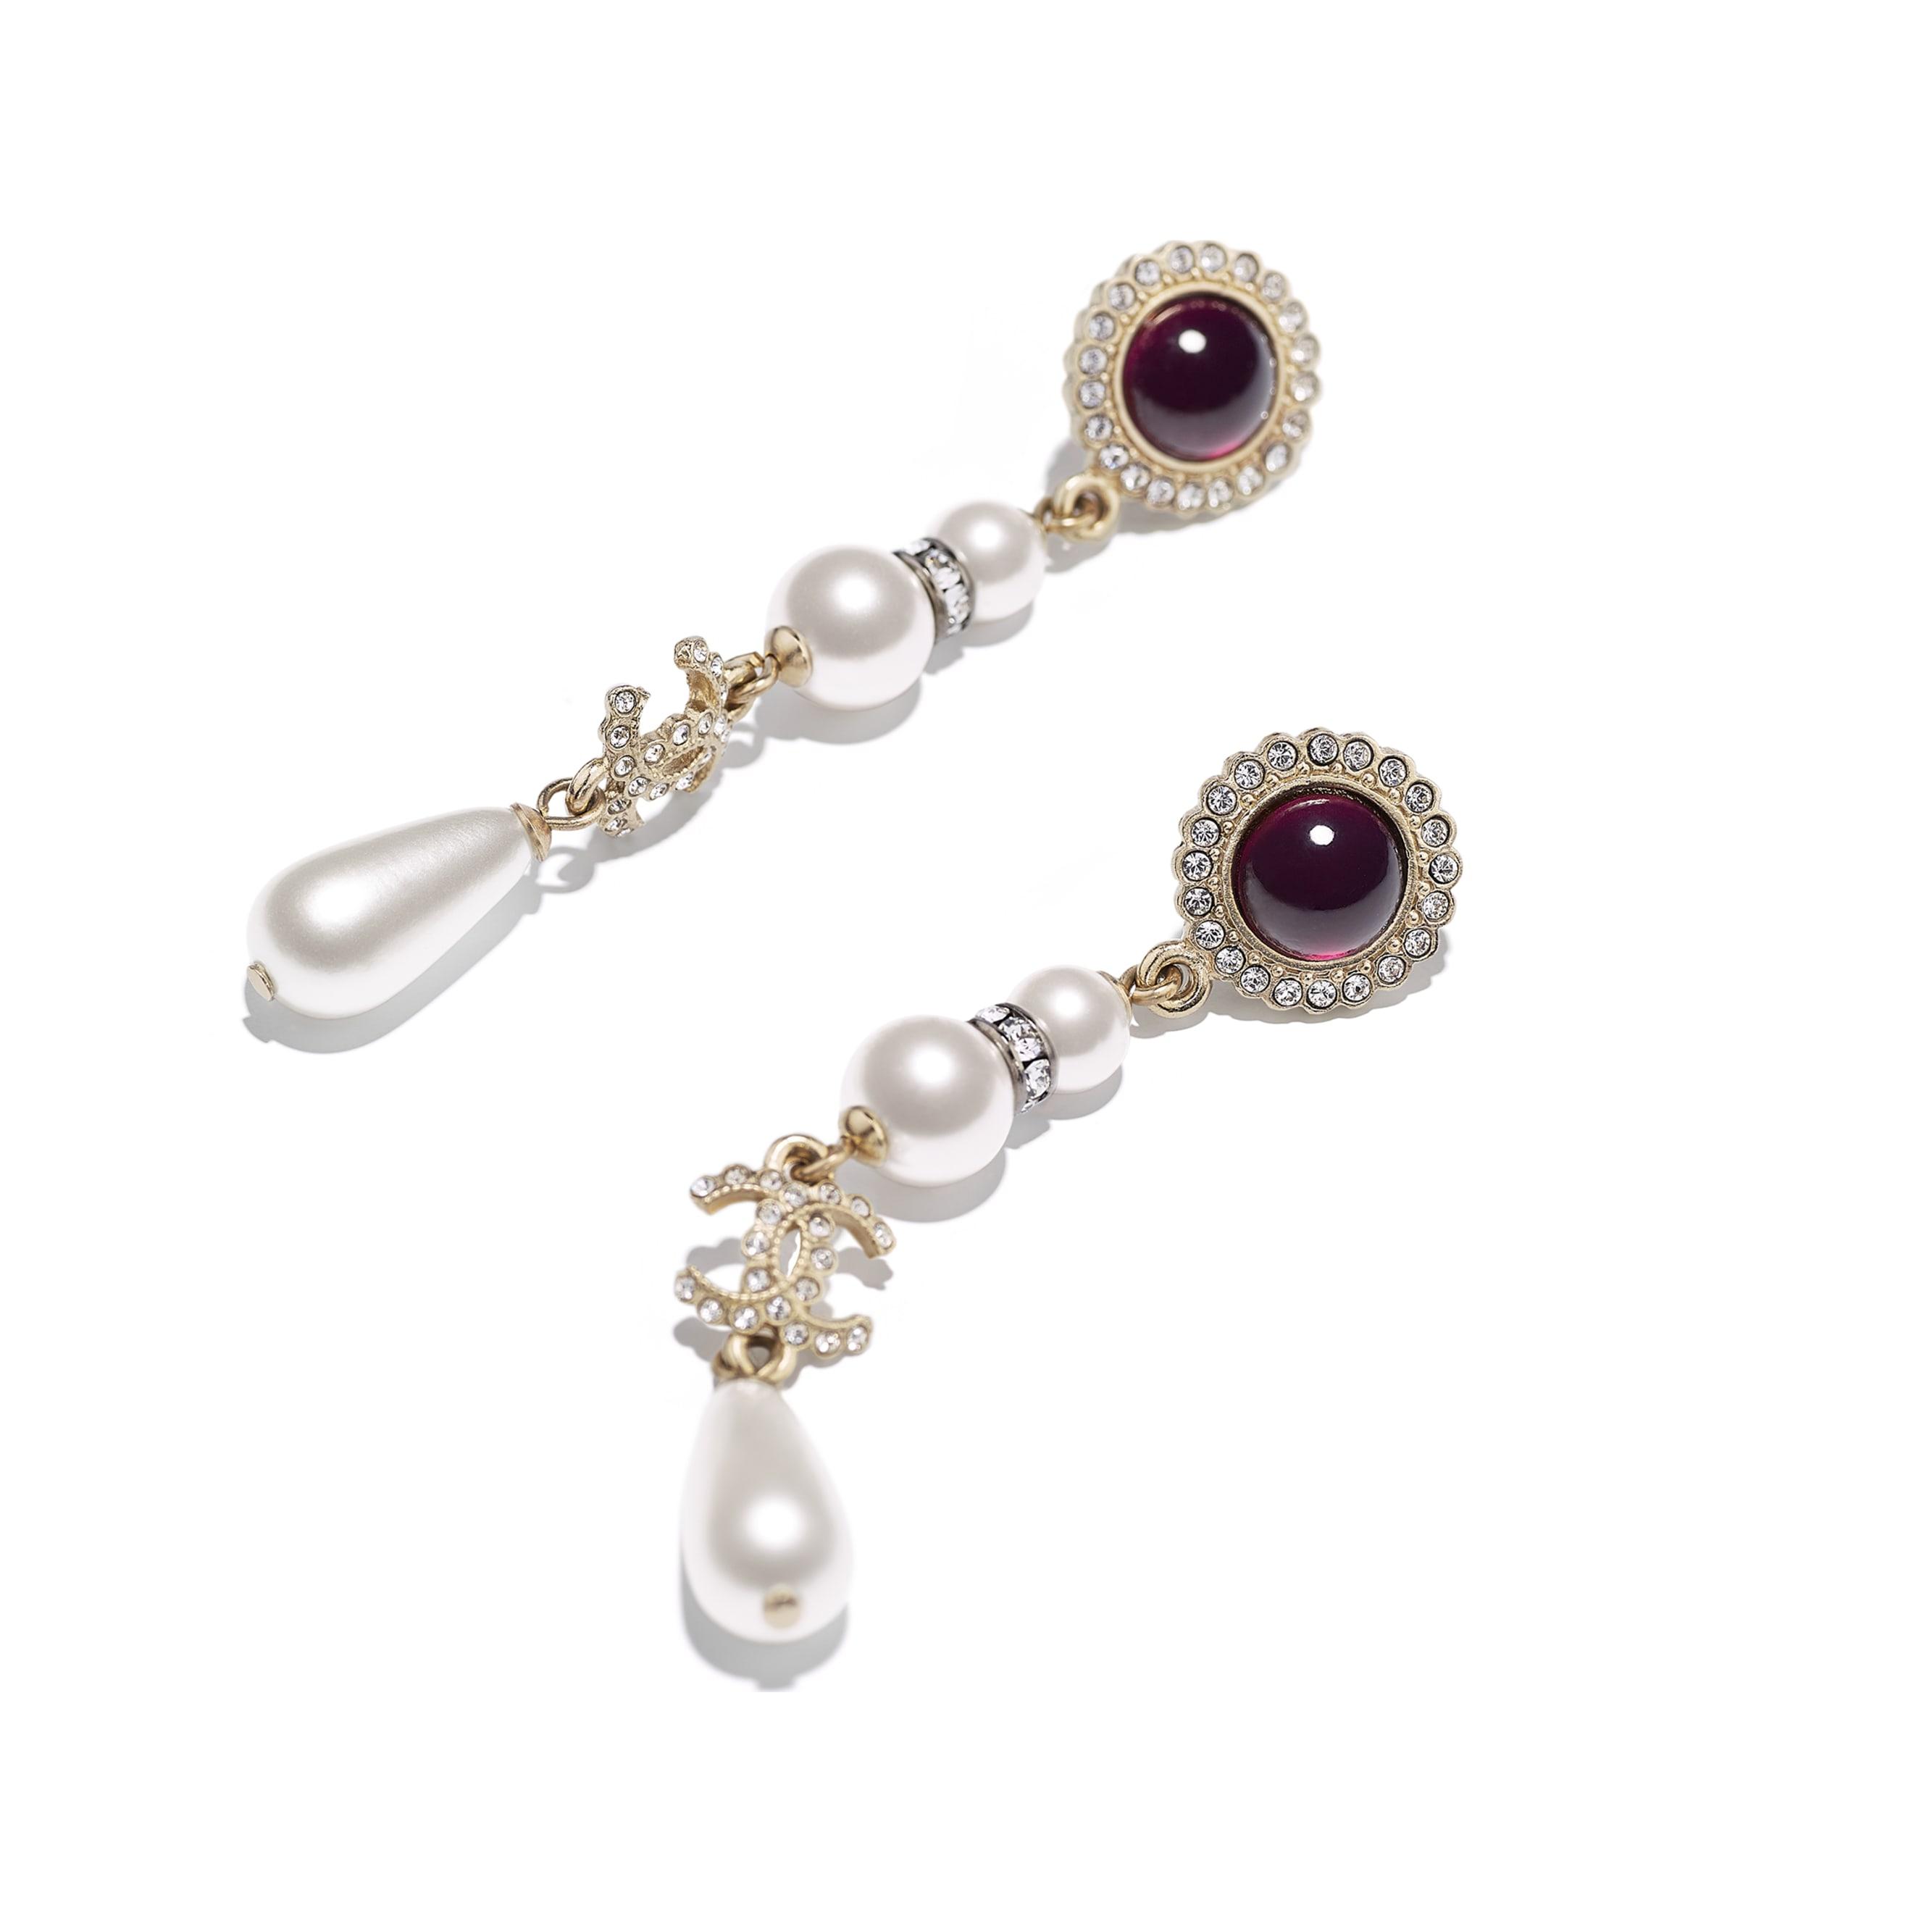 Kolczyki - Kolor złoty, perłowobiały, czerwony i krystaliczny  - Metal, szklane perły i stras - Widok alternatywny – zobacz w standardowym rozmiarze